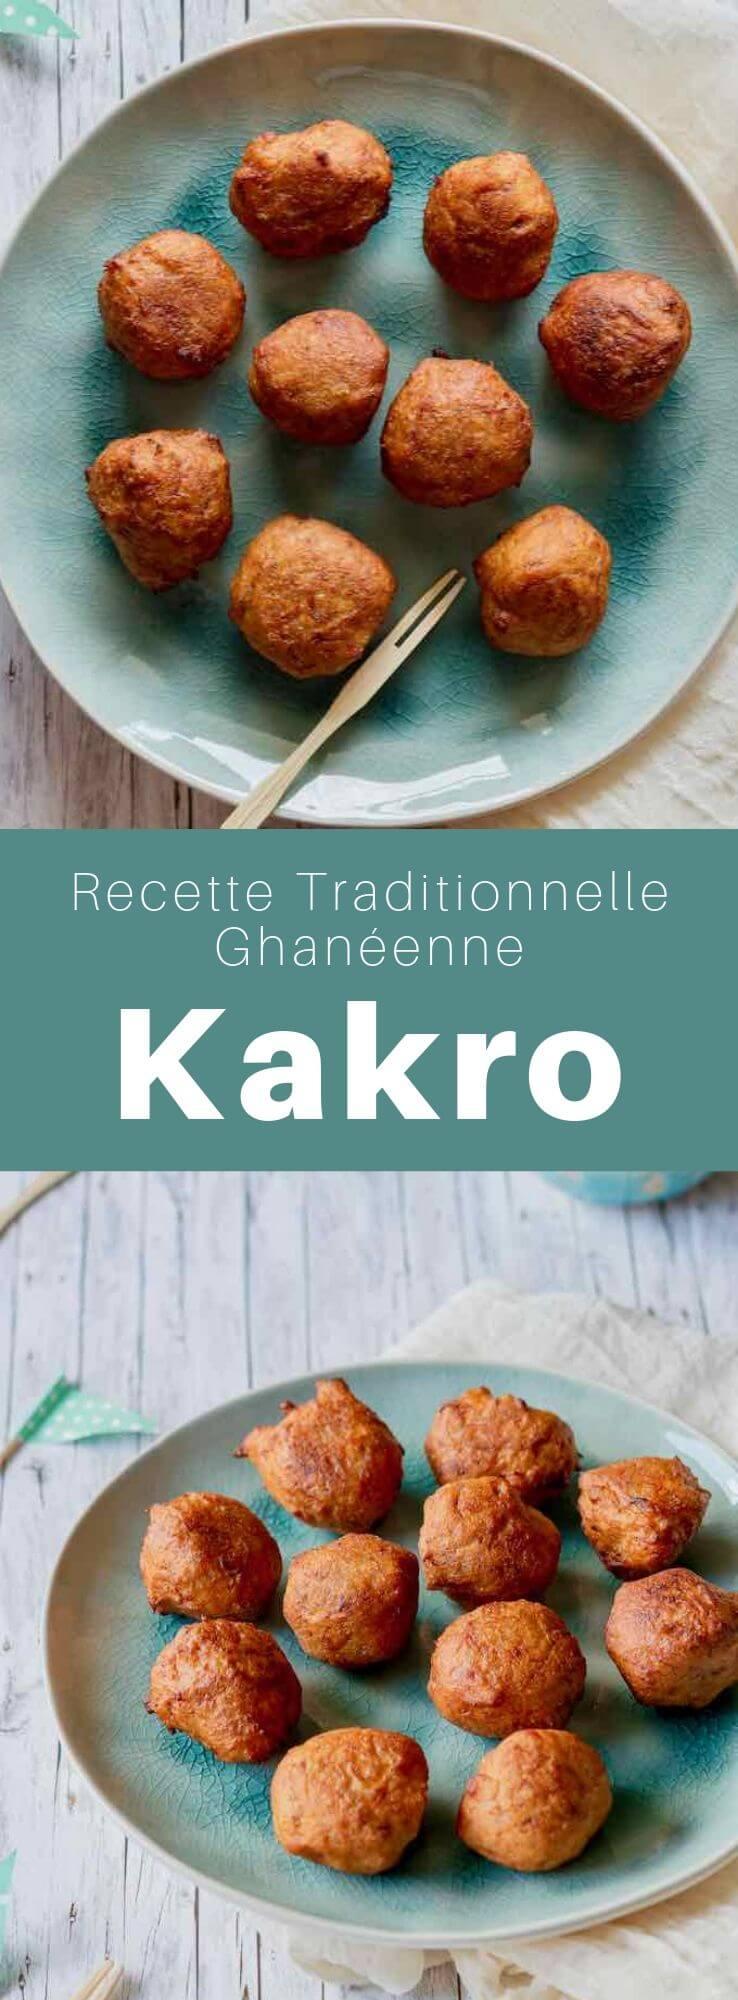 Le kakro (ou kaklo) est un délicieux snack traditionnel du Ghana. Il se compose d'un beignet à base de bananes plantains très mûres. #Ghana #Afrique #AfriqueDeLouest #RecetteAfricaine #CuisineAfricaine #CuisineDuMonde #196flavors